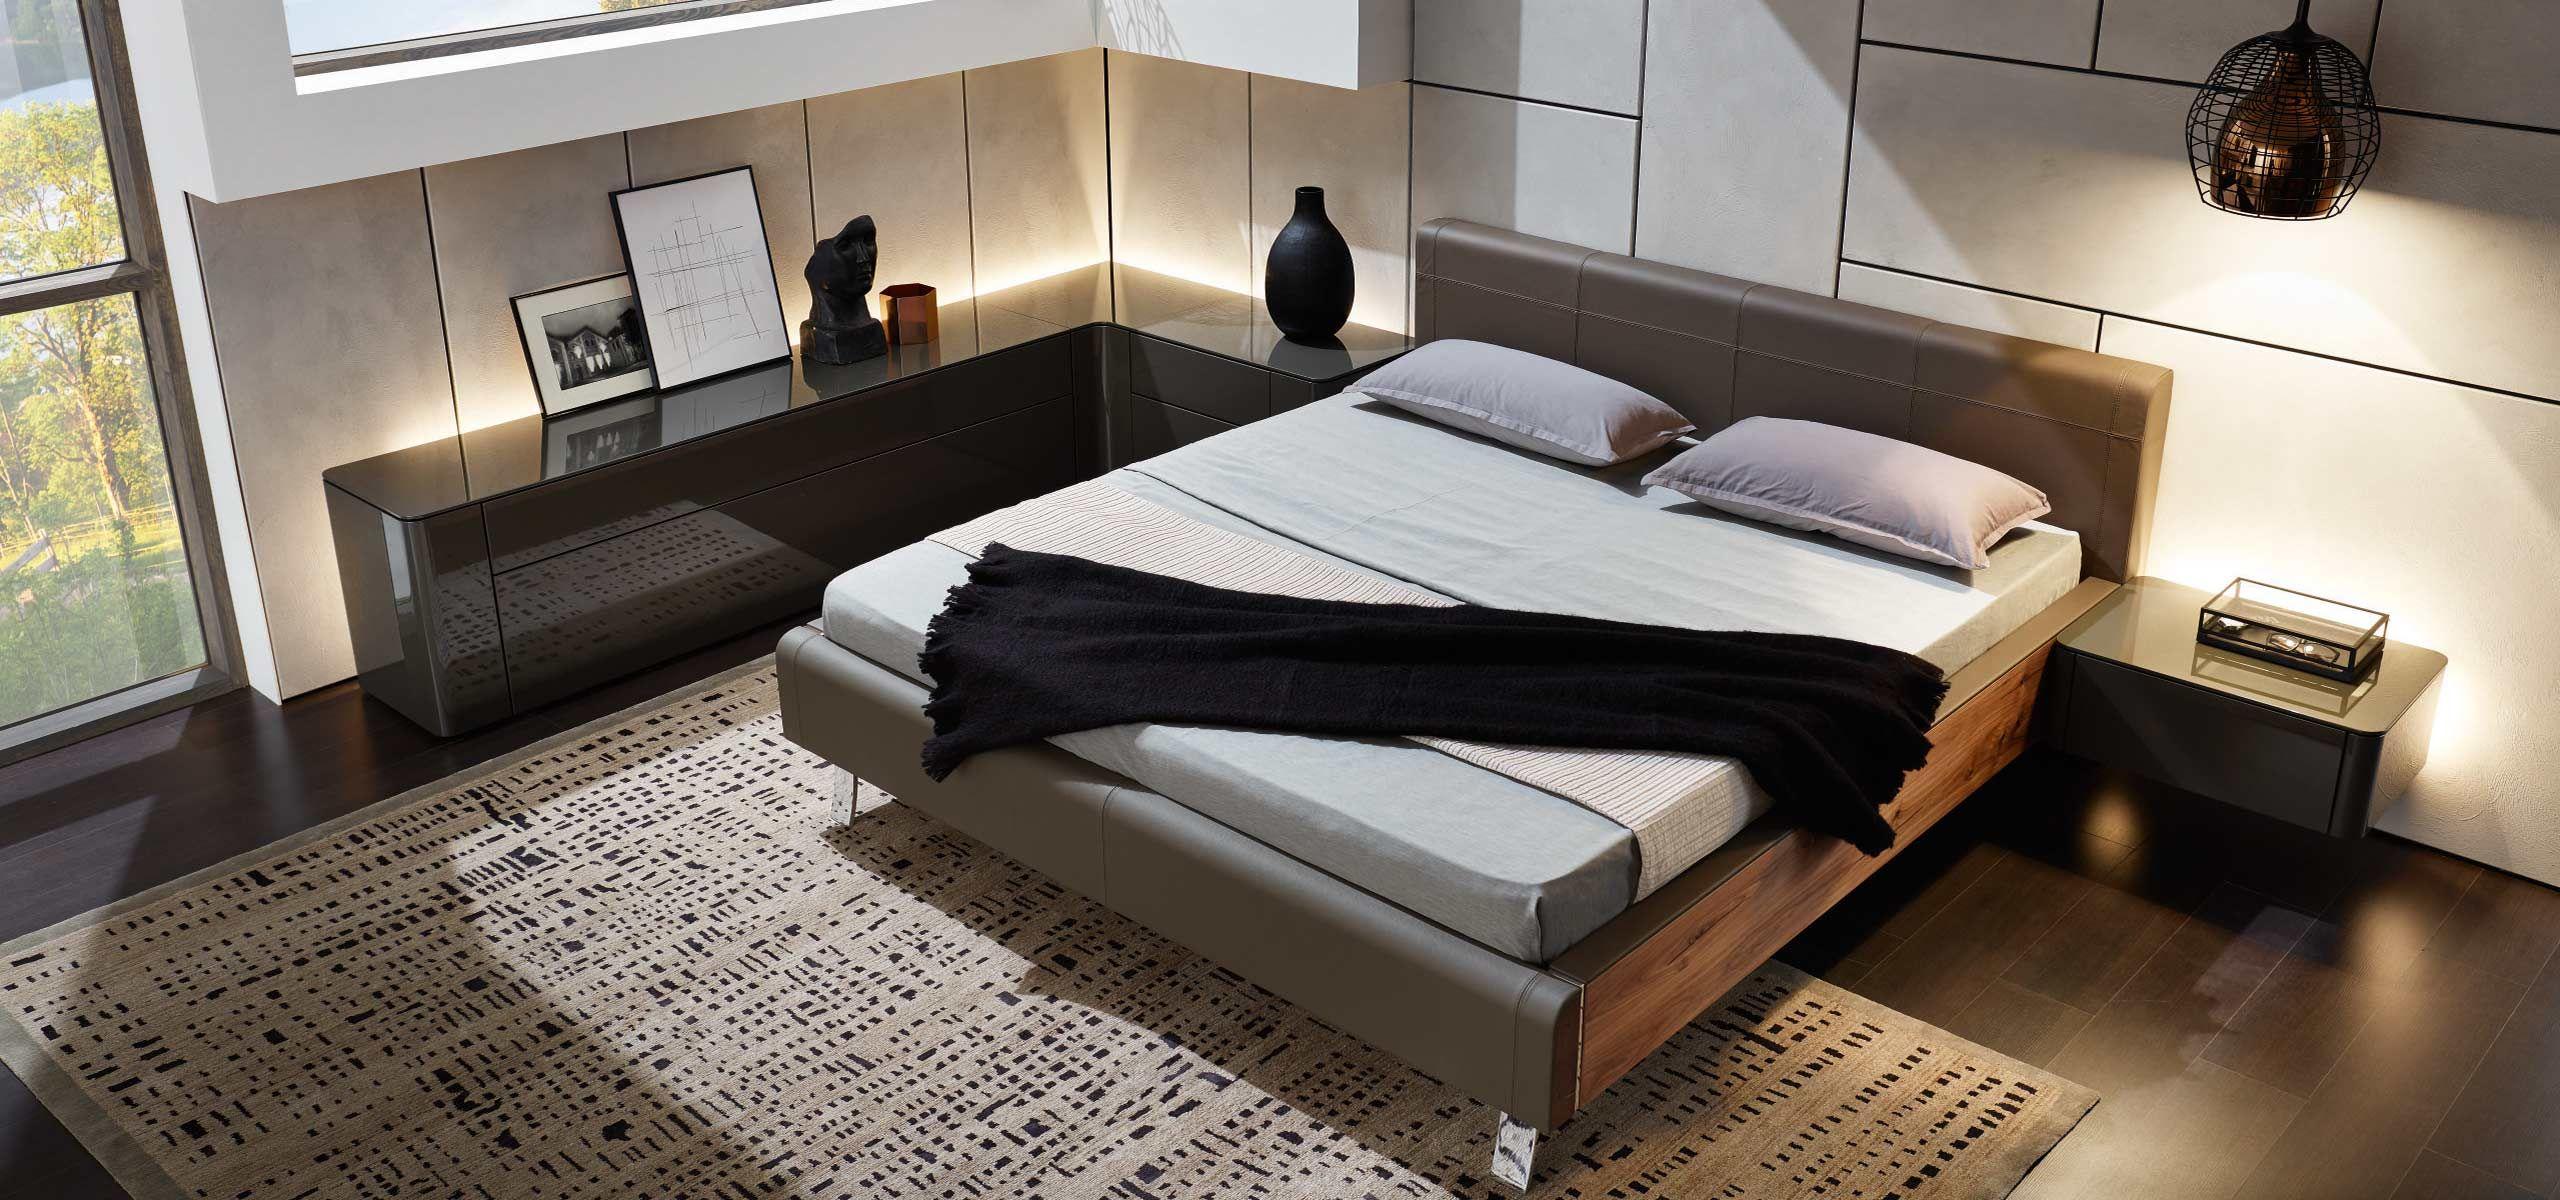 Hulsta Gentis Hochwertige Designmobel Direktimport Luxury